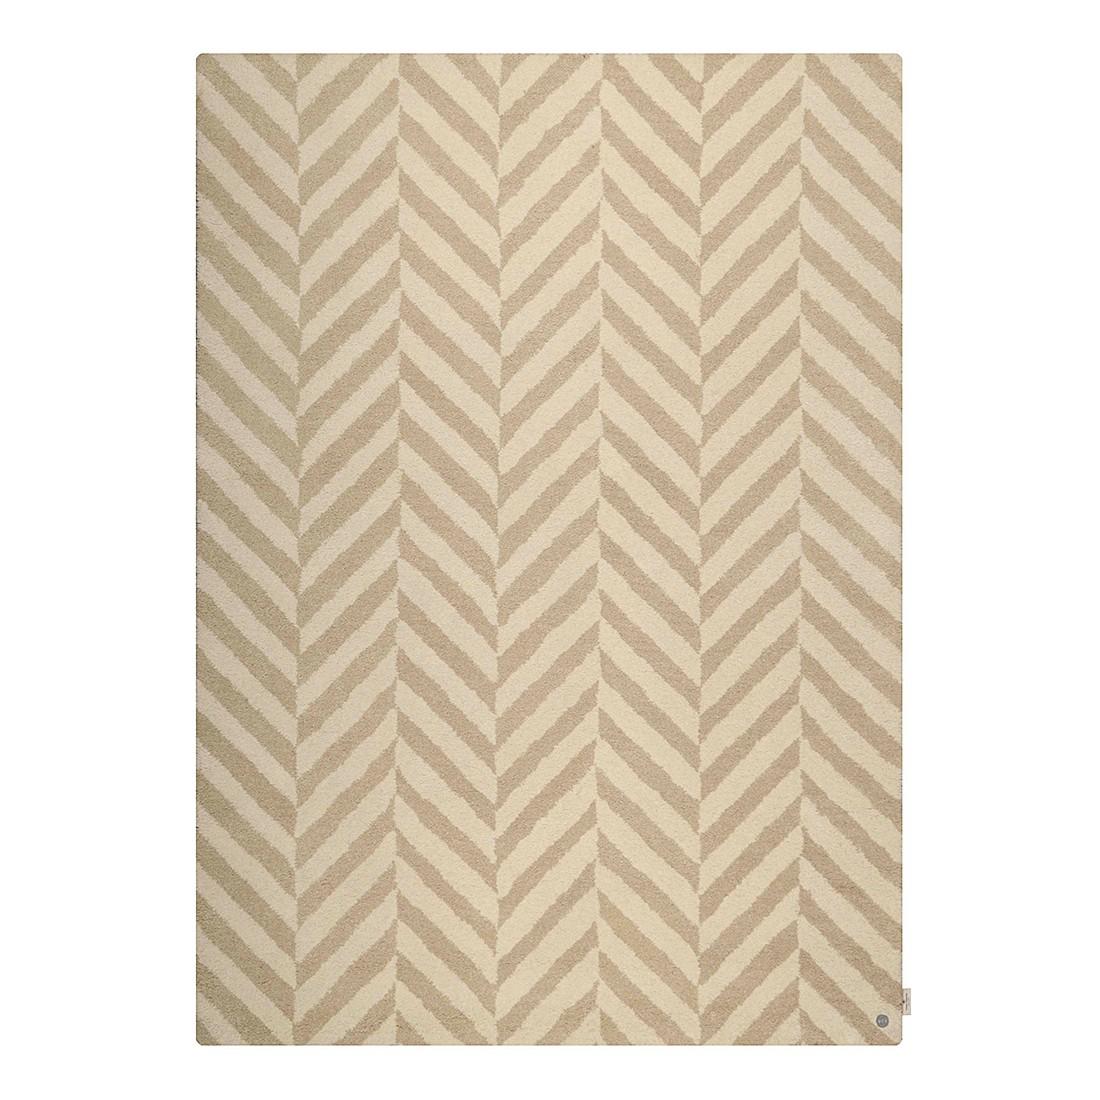 Teppich Country Zigzag – Beige – Maße: 65 x 135 cm, Tom Tailor günstig